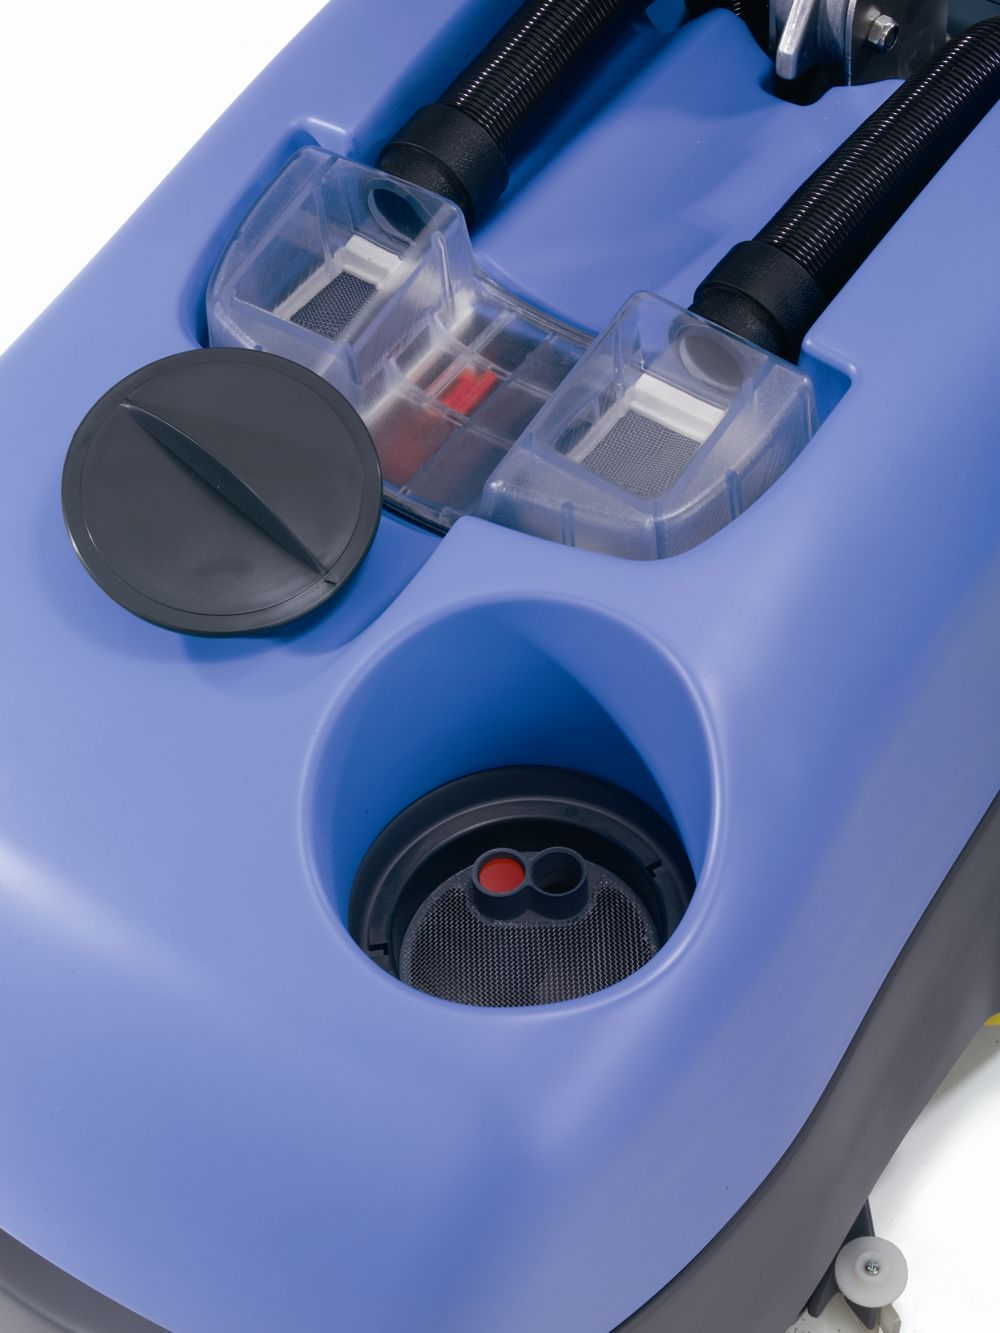 maszyna do mycia podłóg Numatic TT 1840